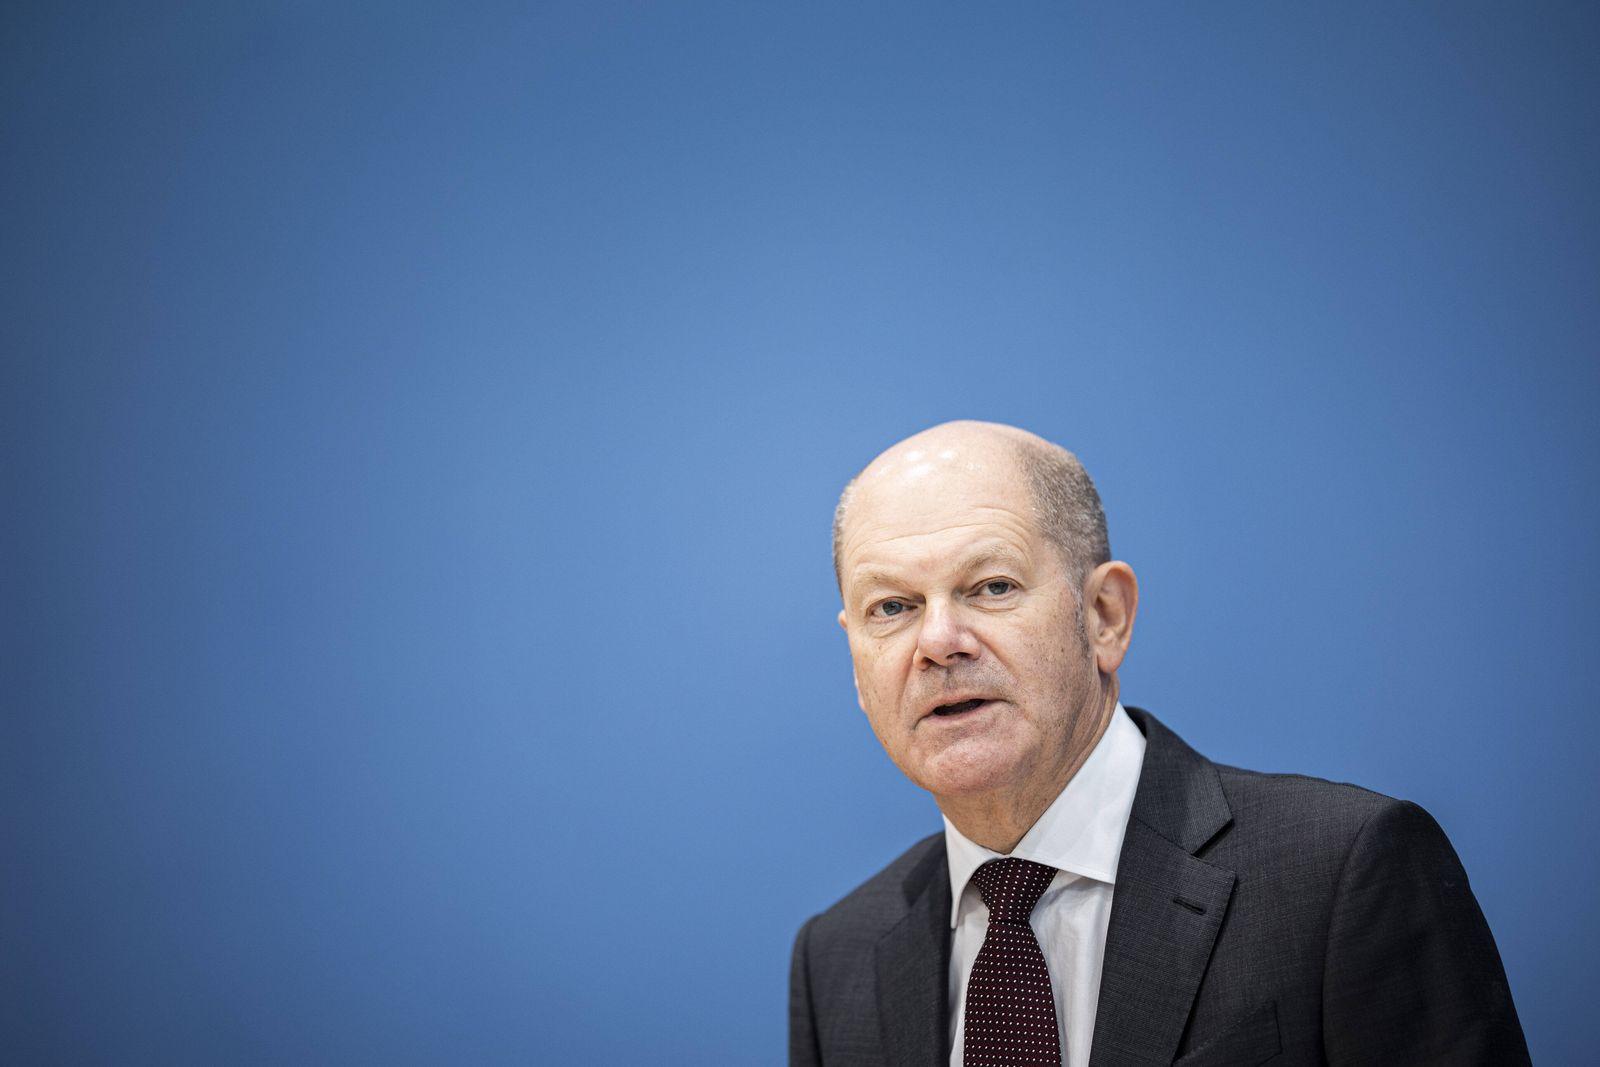 Olaf Scholz, Bundesminister der Finanzen, aufgenommen im Rahmen der Pressekonferenz zum Thema Neue Corona-Hilfen: Stark